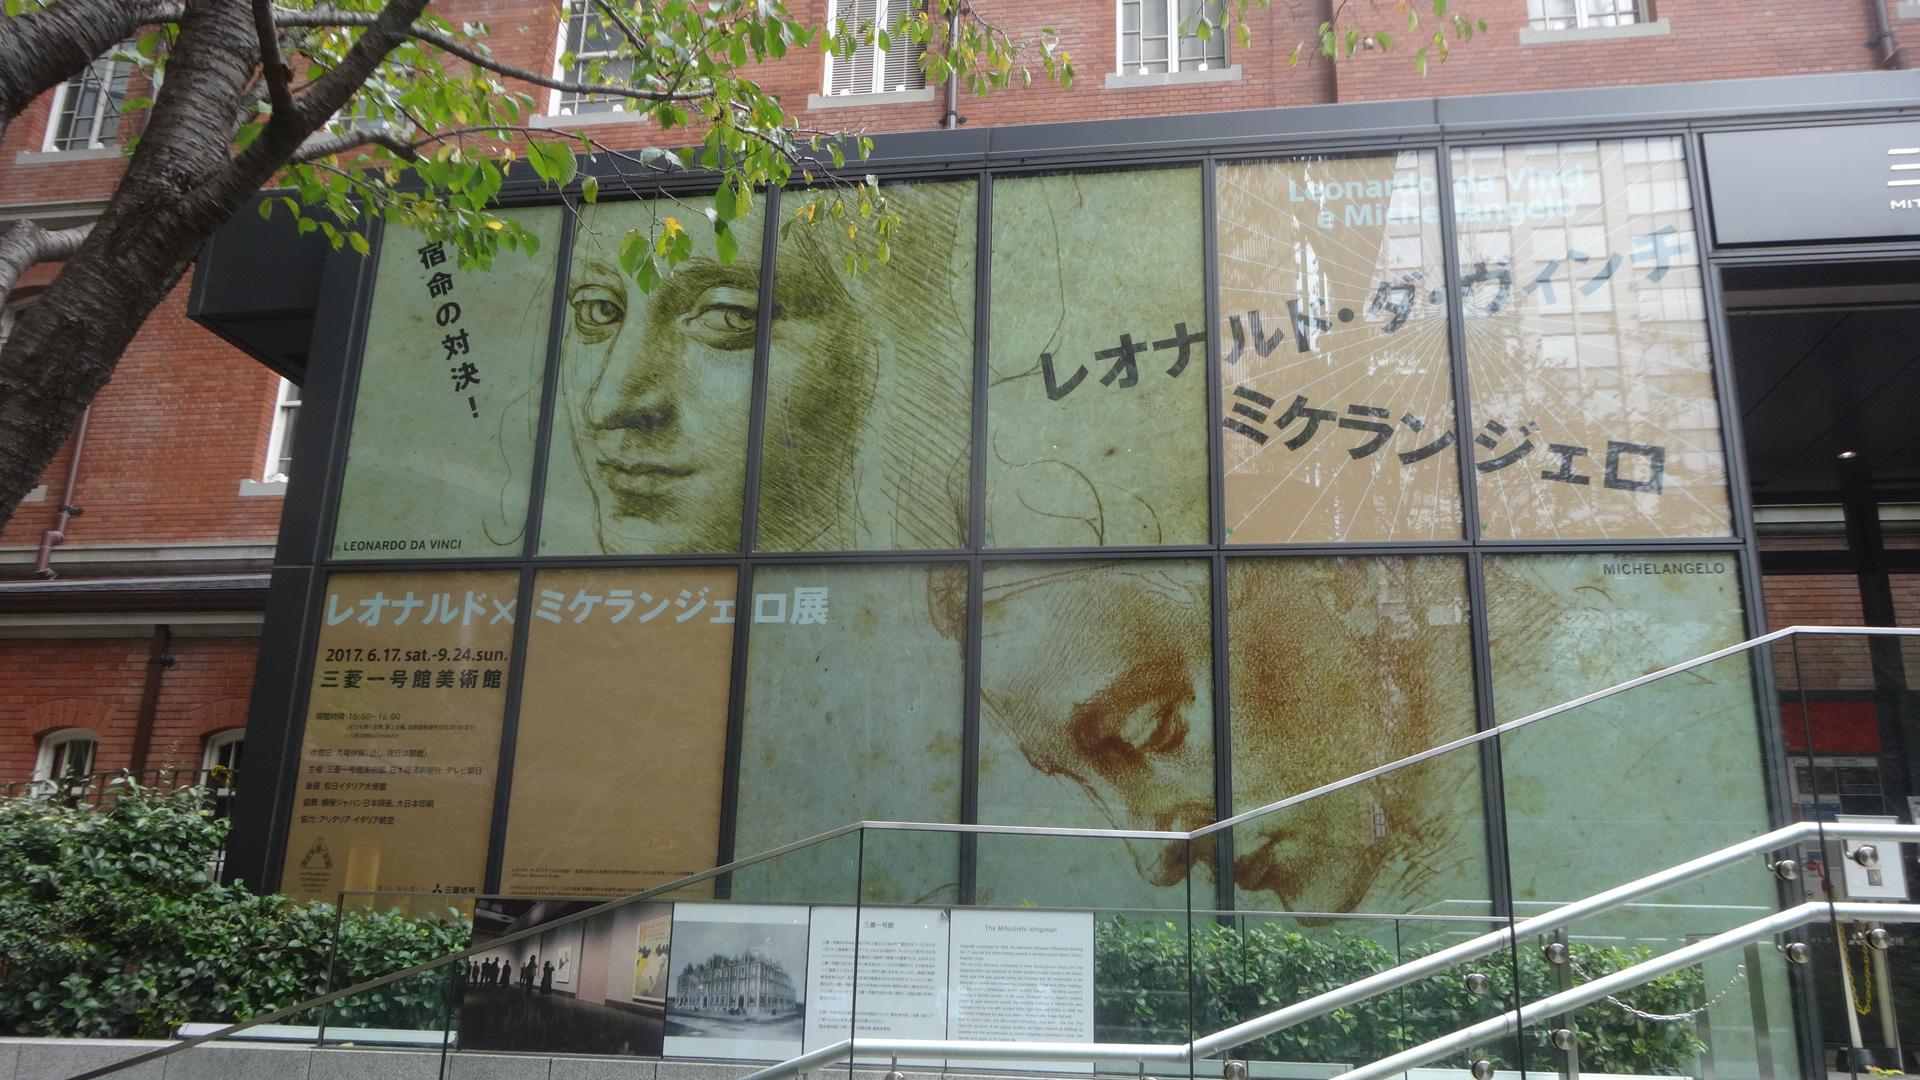 ダヴィンチ vs. ミケランジェロ展の看板